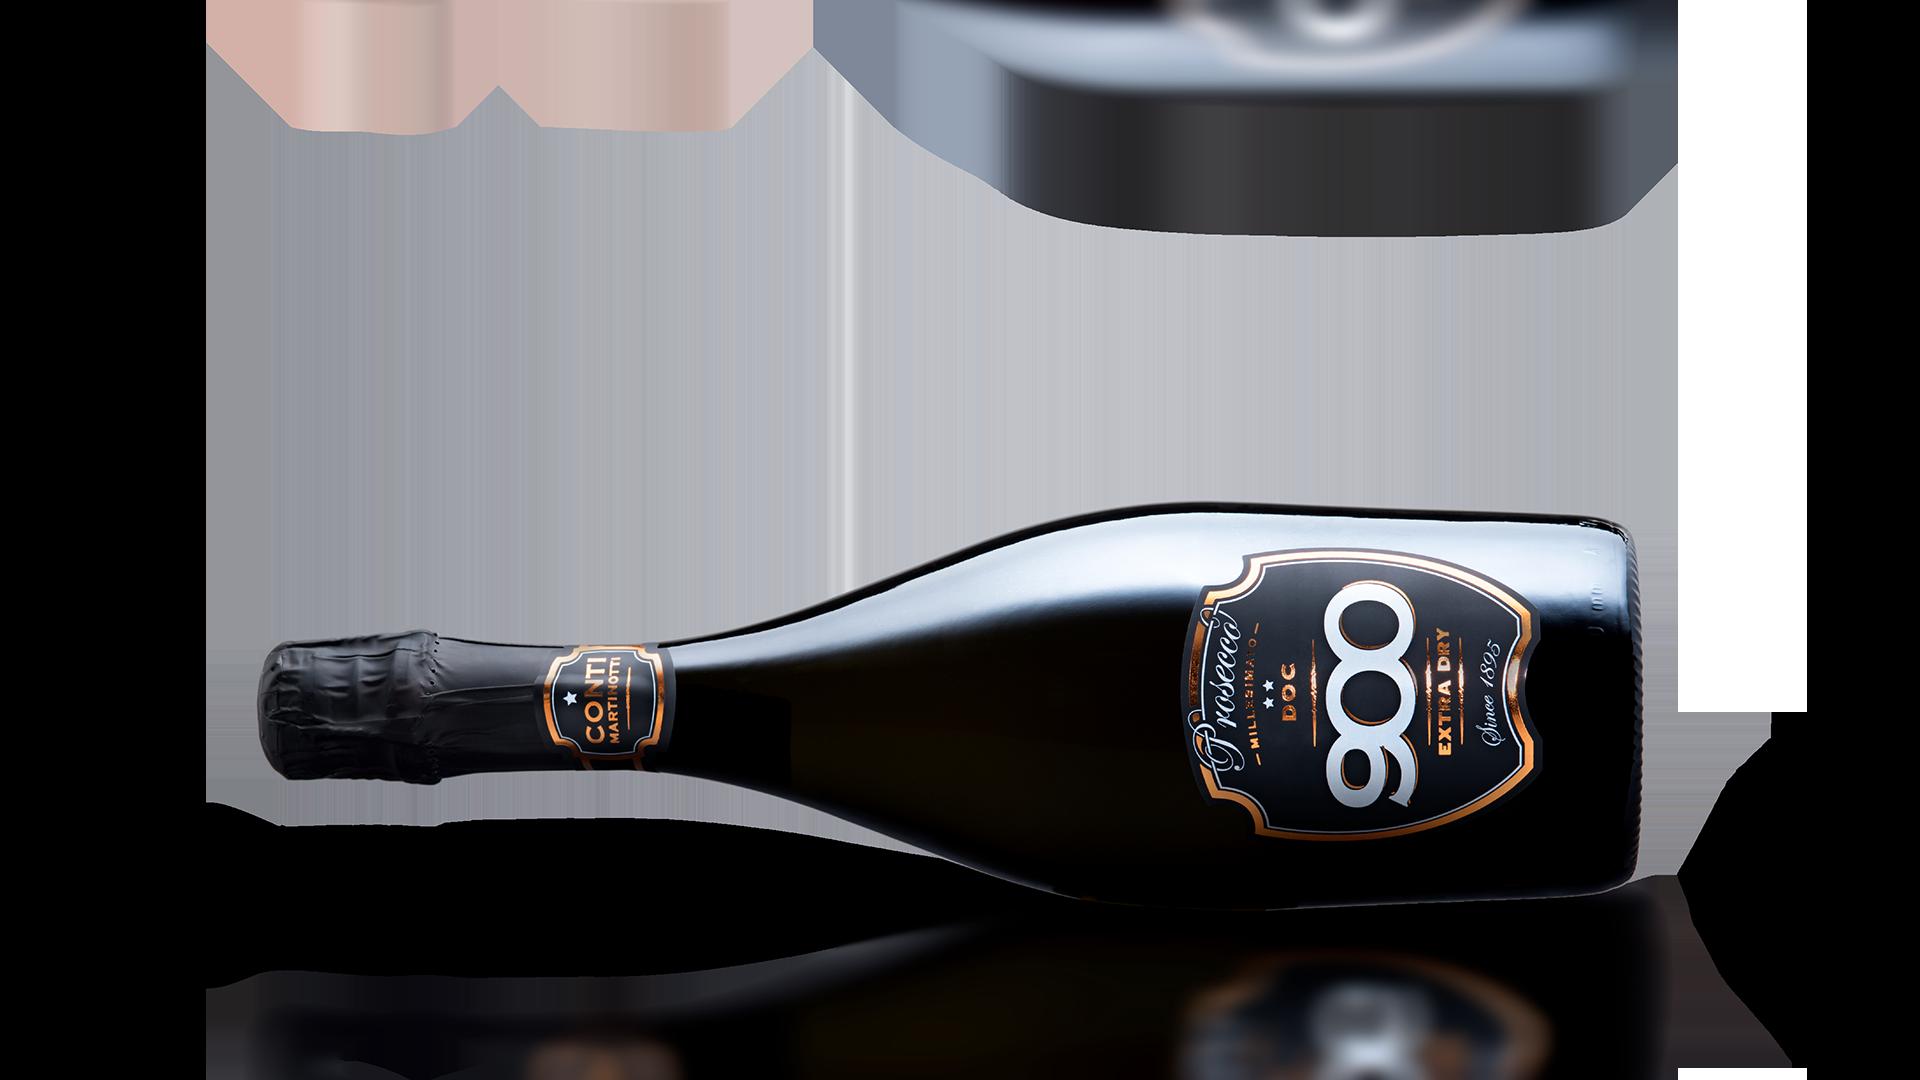 900 wine: bottiglia del prosecco Millesimato adagiata in posizione orizzontale